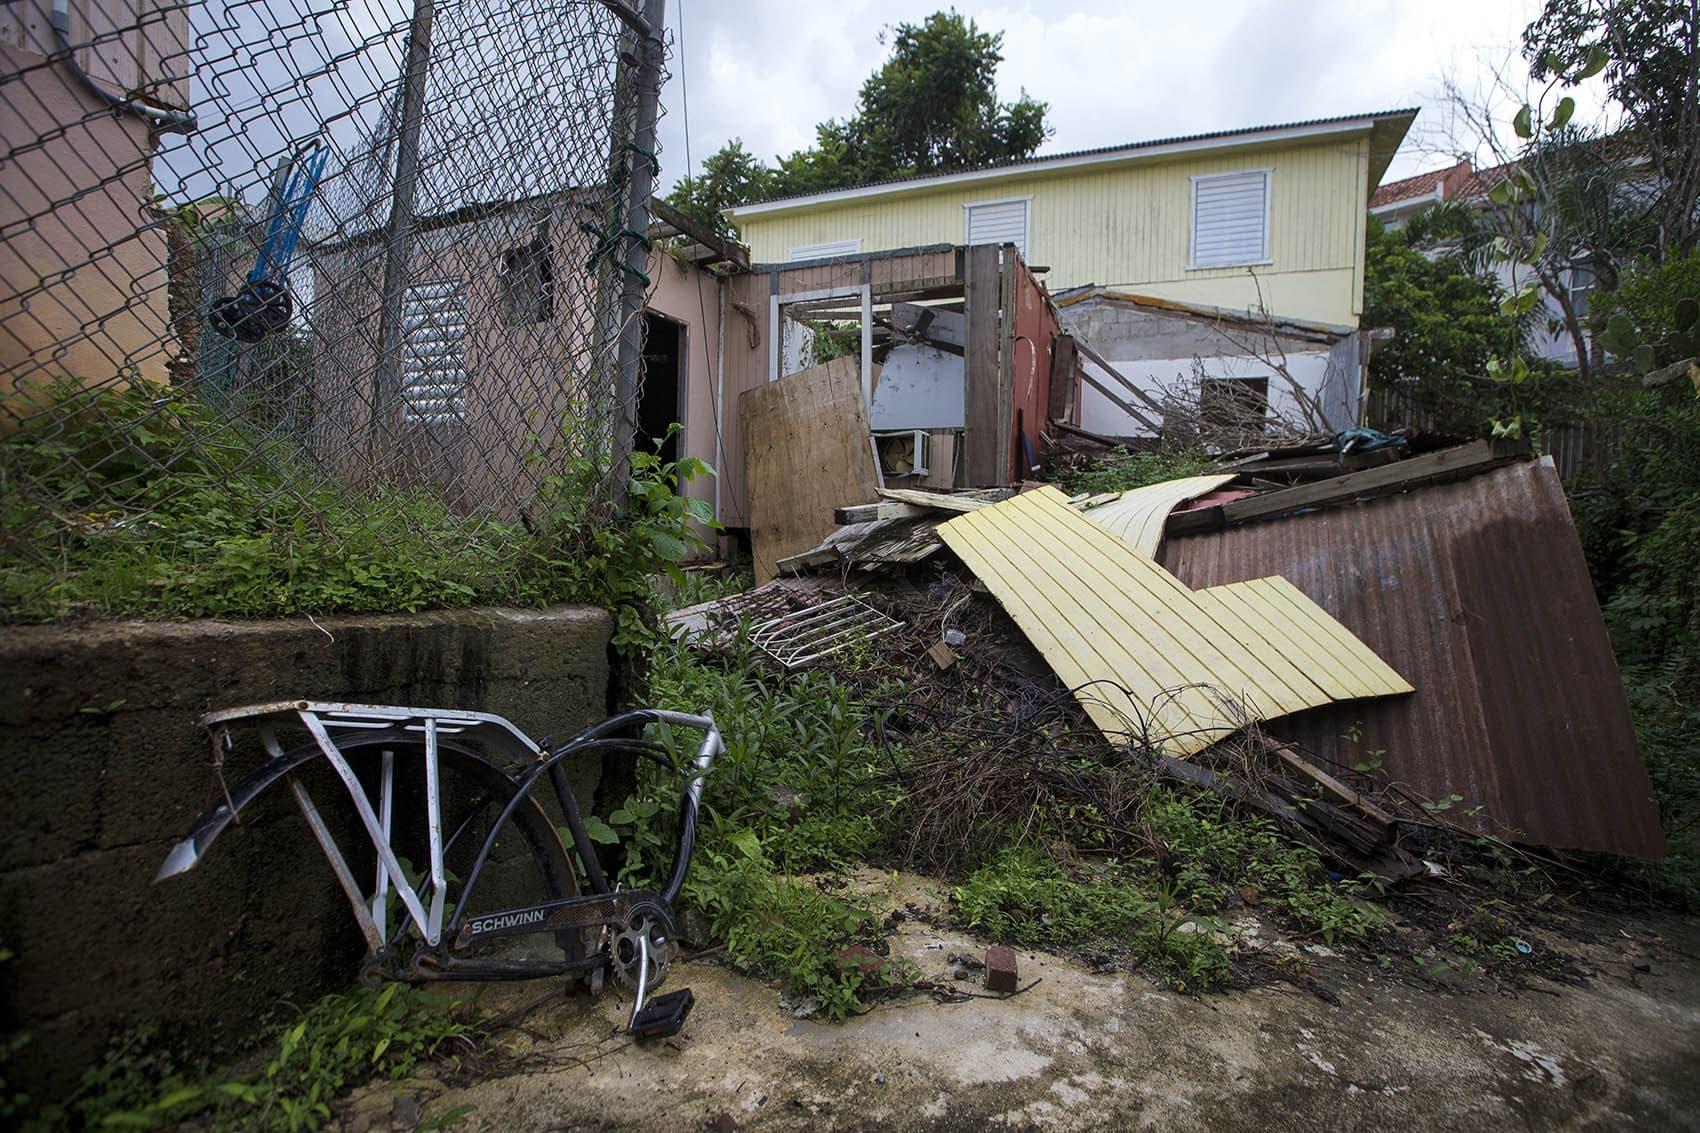 Una casa en Guaynabo, que fue totalmente nivelada por el huracán María, todavía se encuentra en ruinas un año después de la tormenta. (Jesse Costa / WBUR)